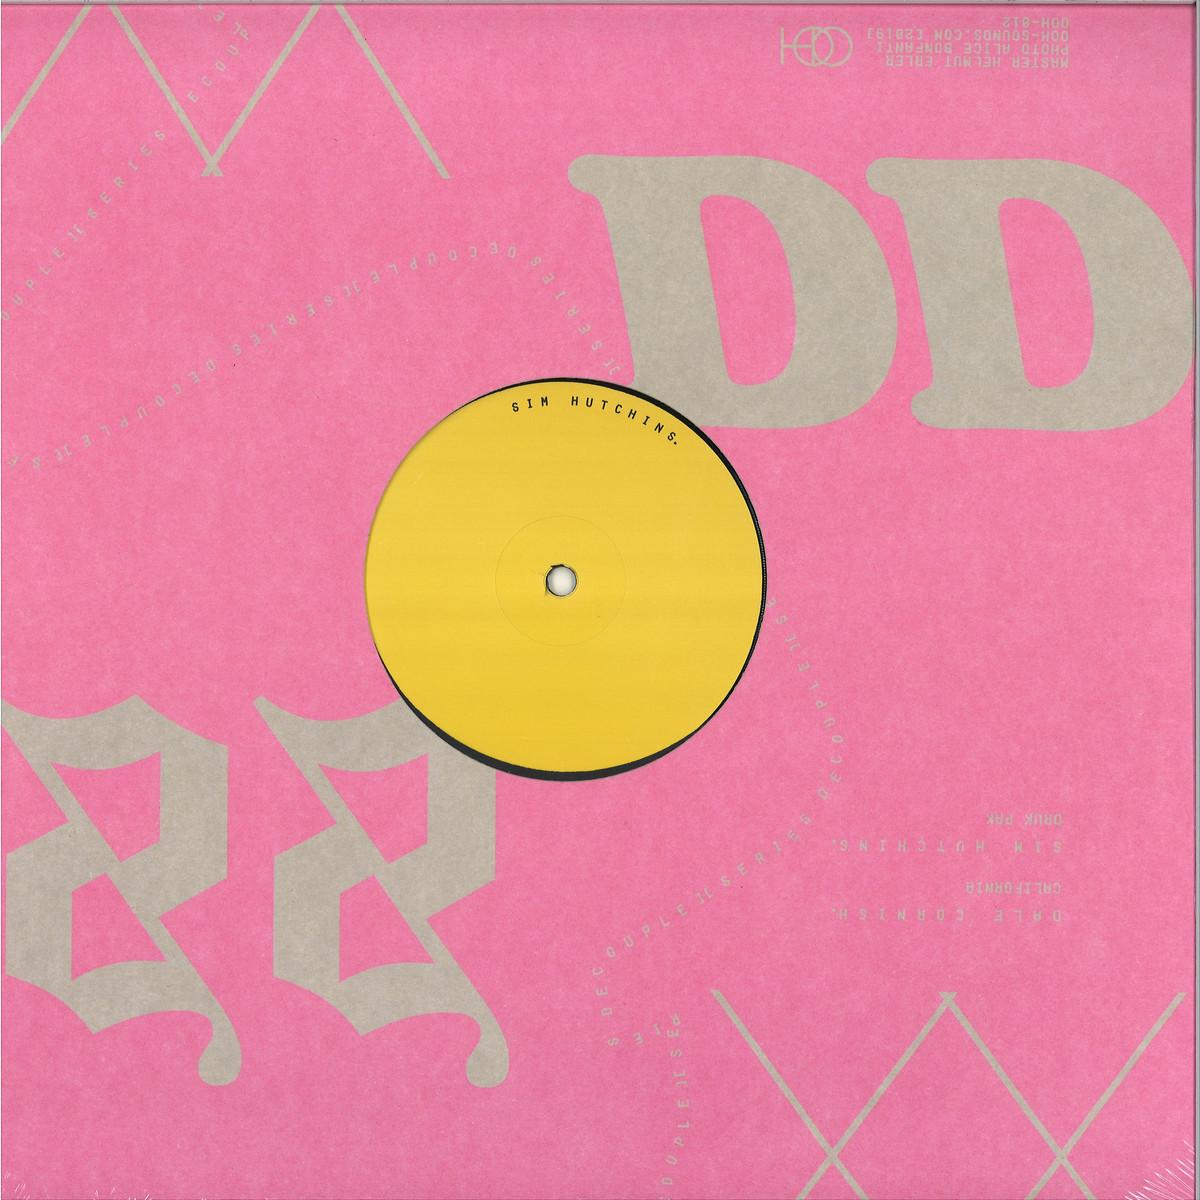 deejay de - OOH-sounds